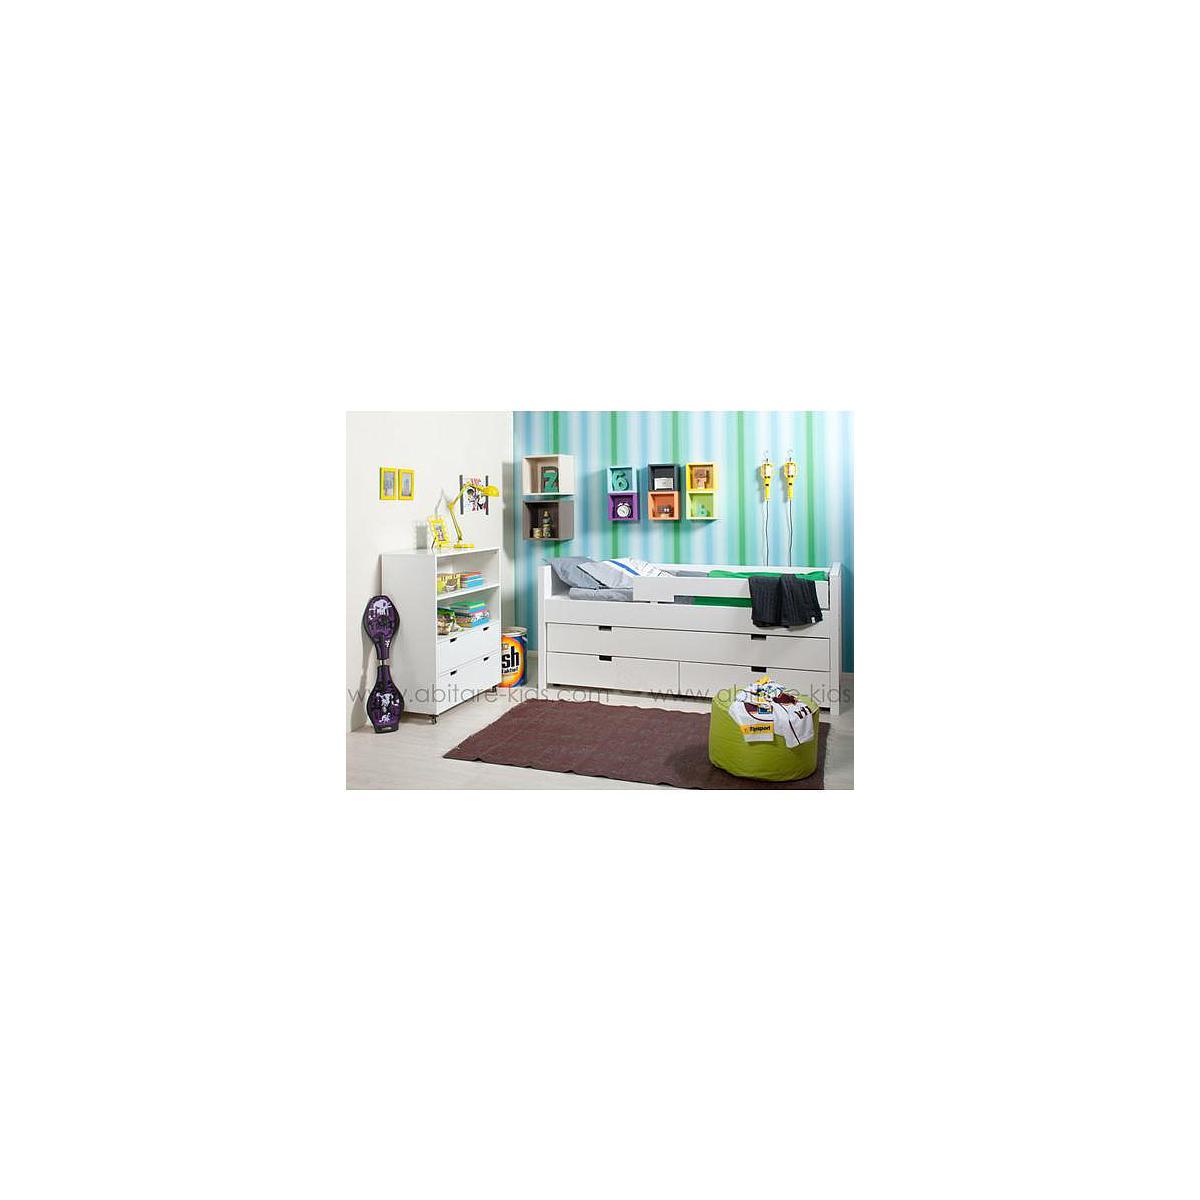 COMBIFLEX by Bopita Petite armoire à roulettes 2 espaces + 2 tiroirs - Medium